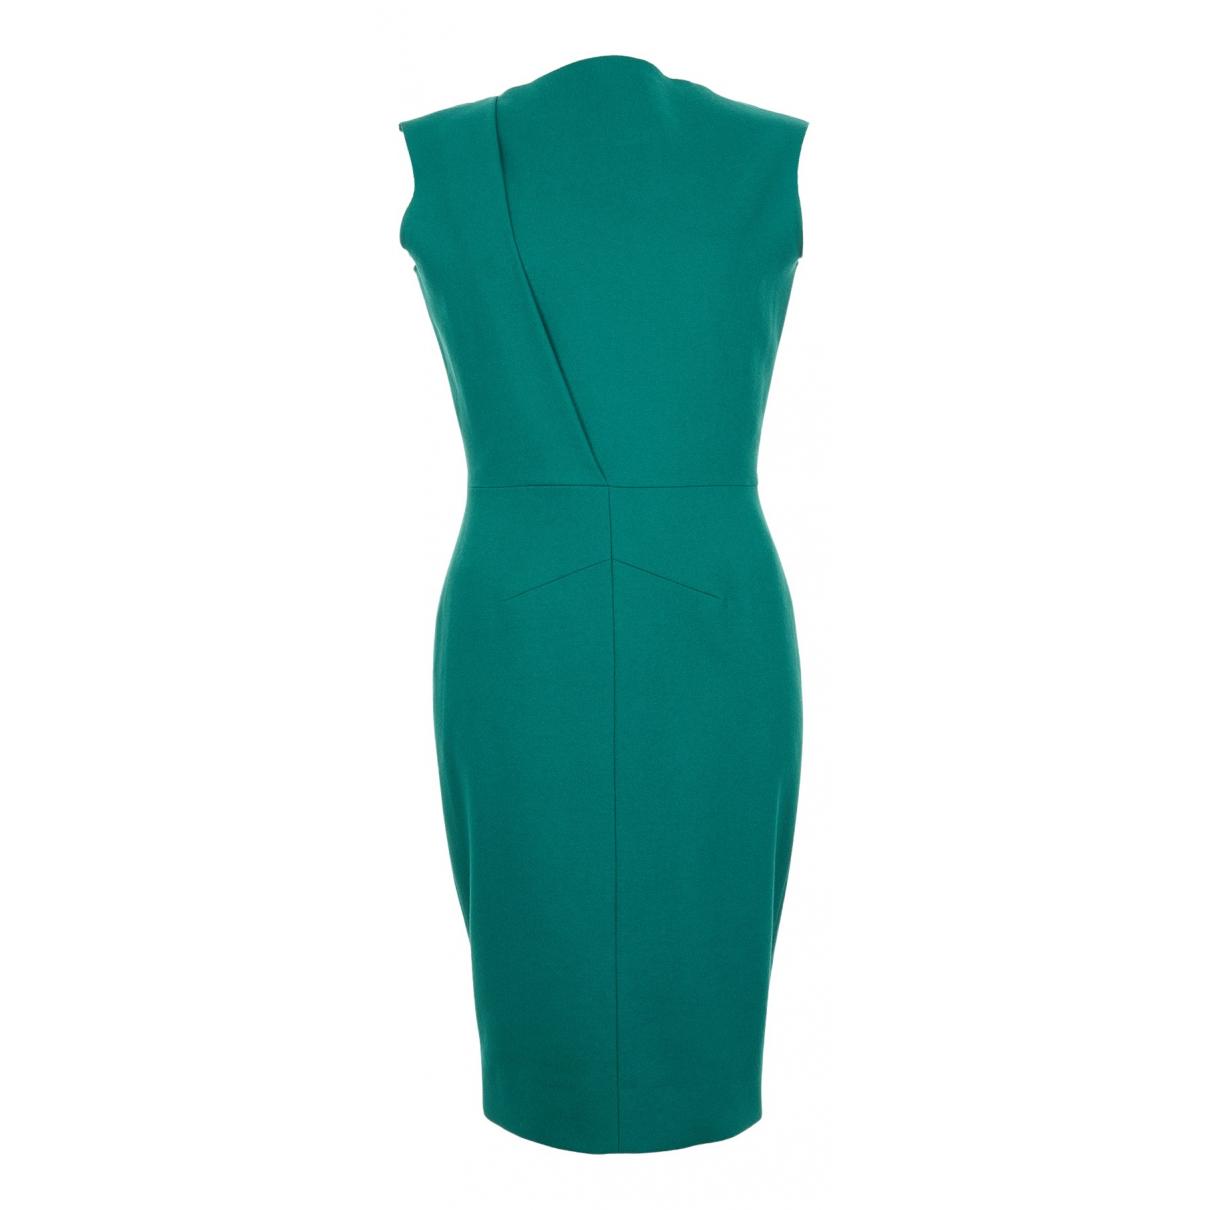 Victoria Beckham \N Kleid in  Gruen Wolle